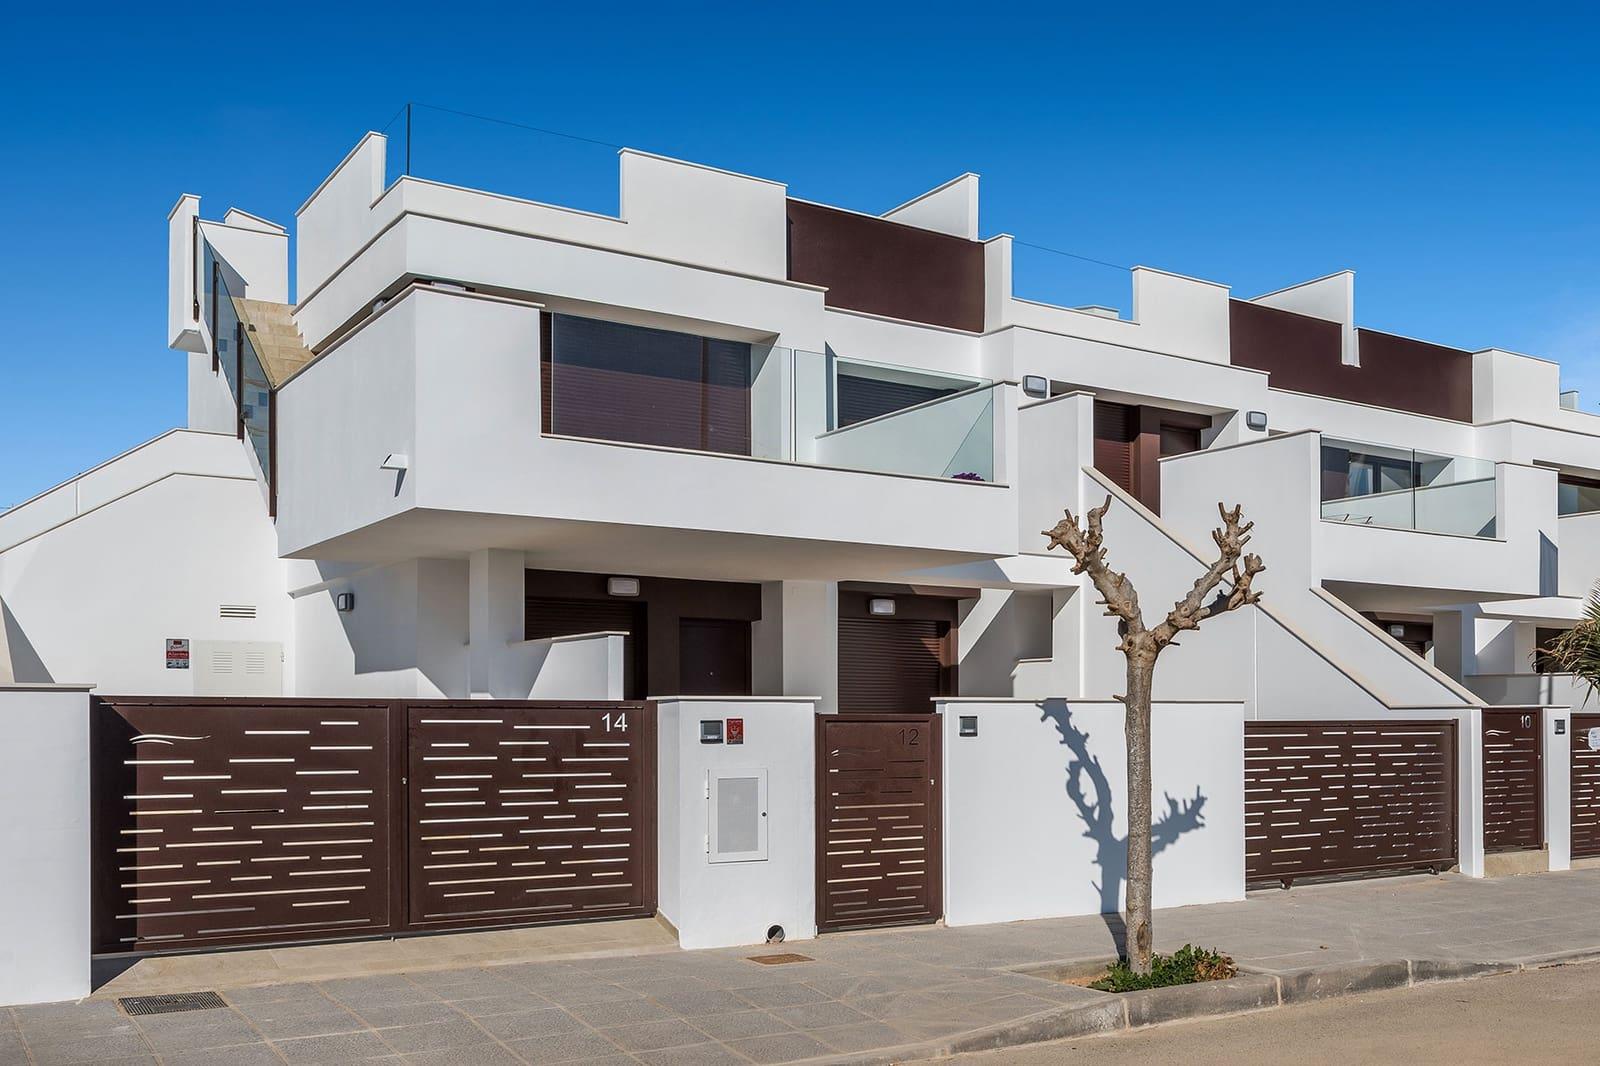 Apartamento de 2 habitaciones en Pilar de la Horadada en venta con piscina - 235.900 € (Ref: 4824430)